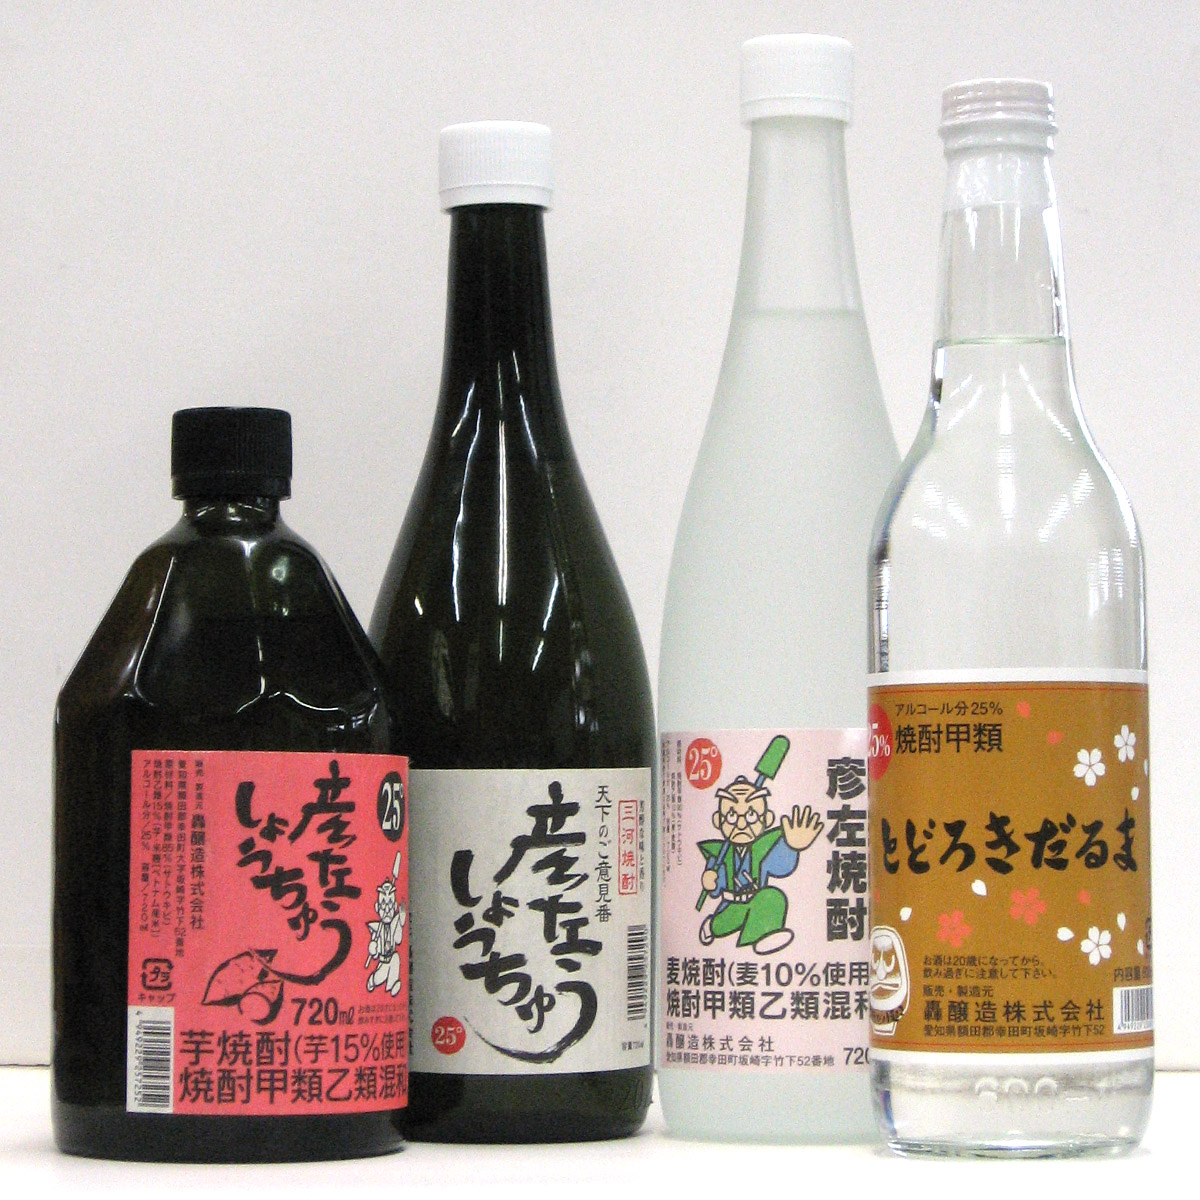 【ふるさと納税】彦左しょうちゅう飲み比べセット 焼酎 酒 4本セット (幸田町寄附管理番号1910)